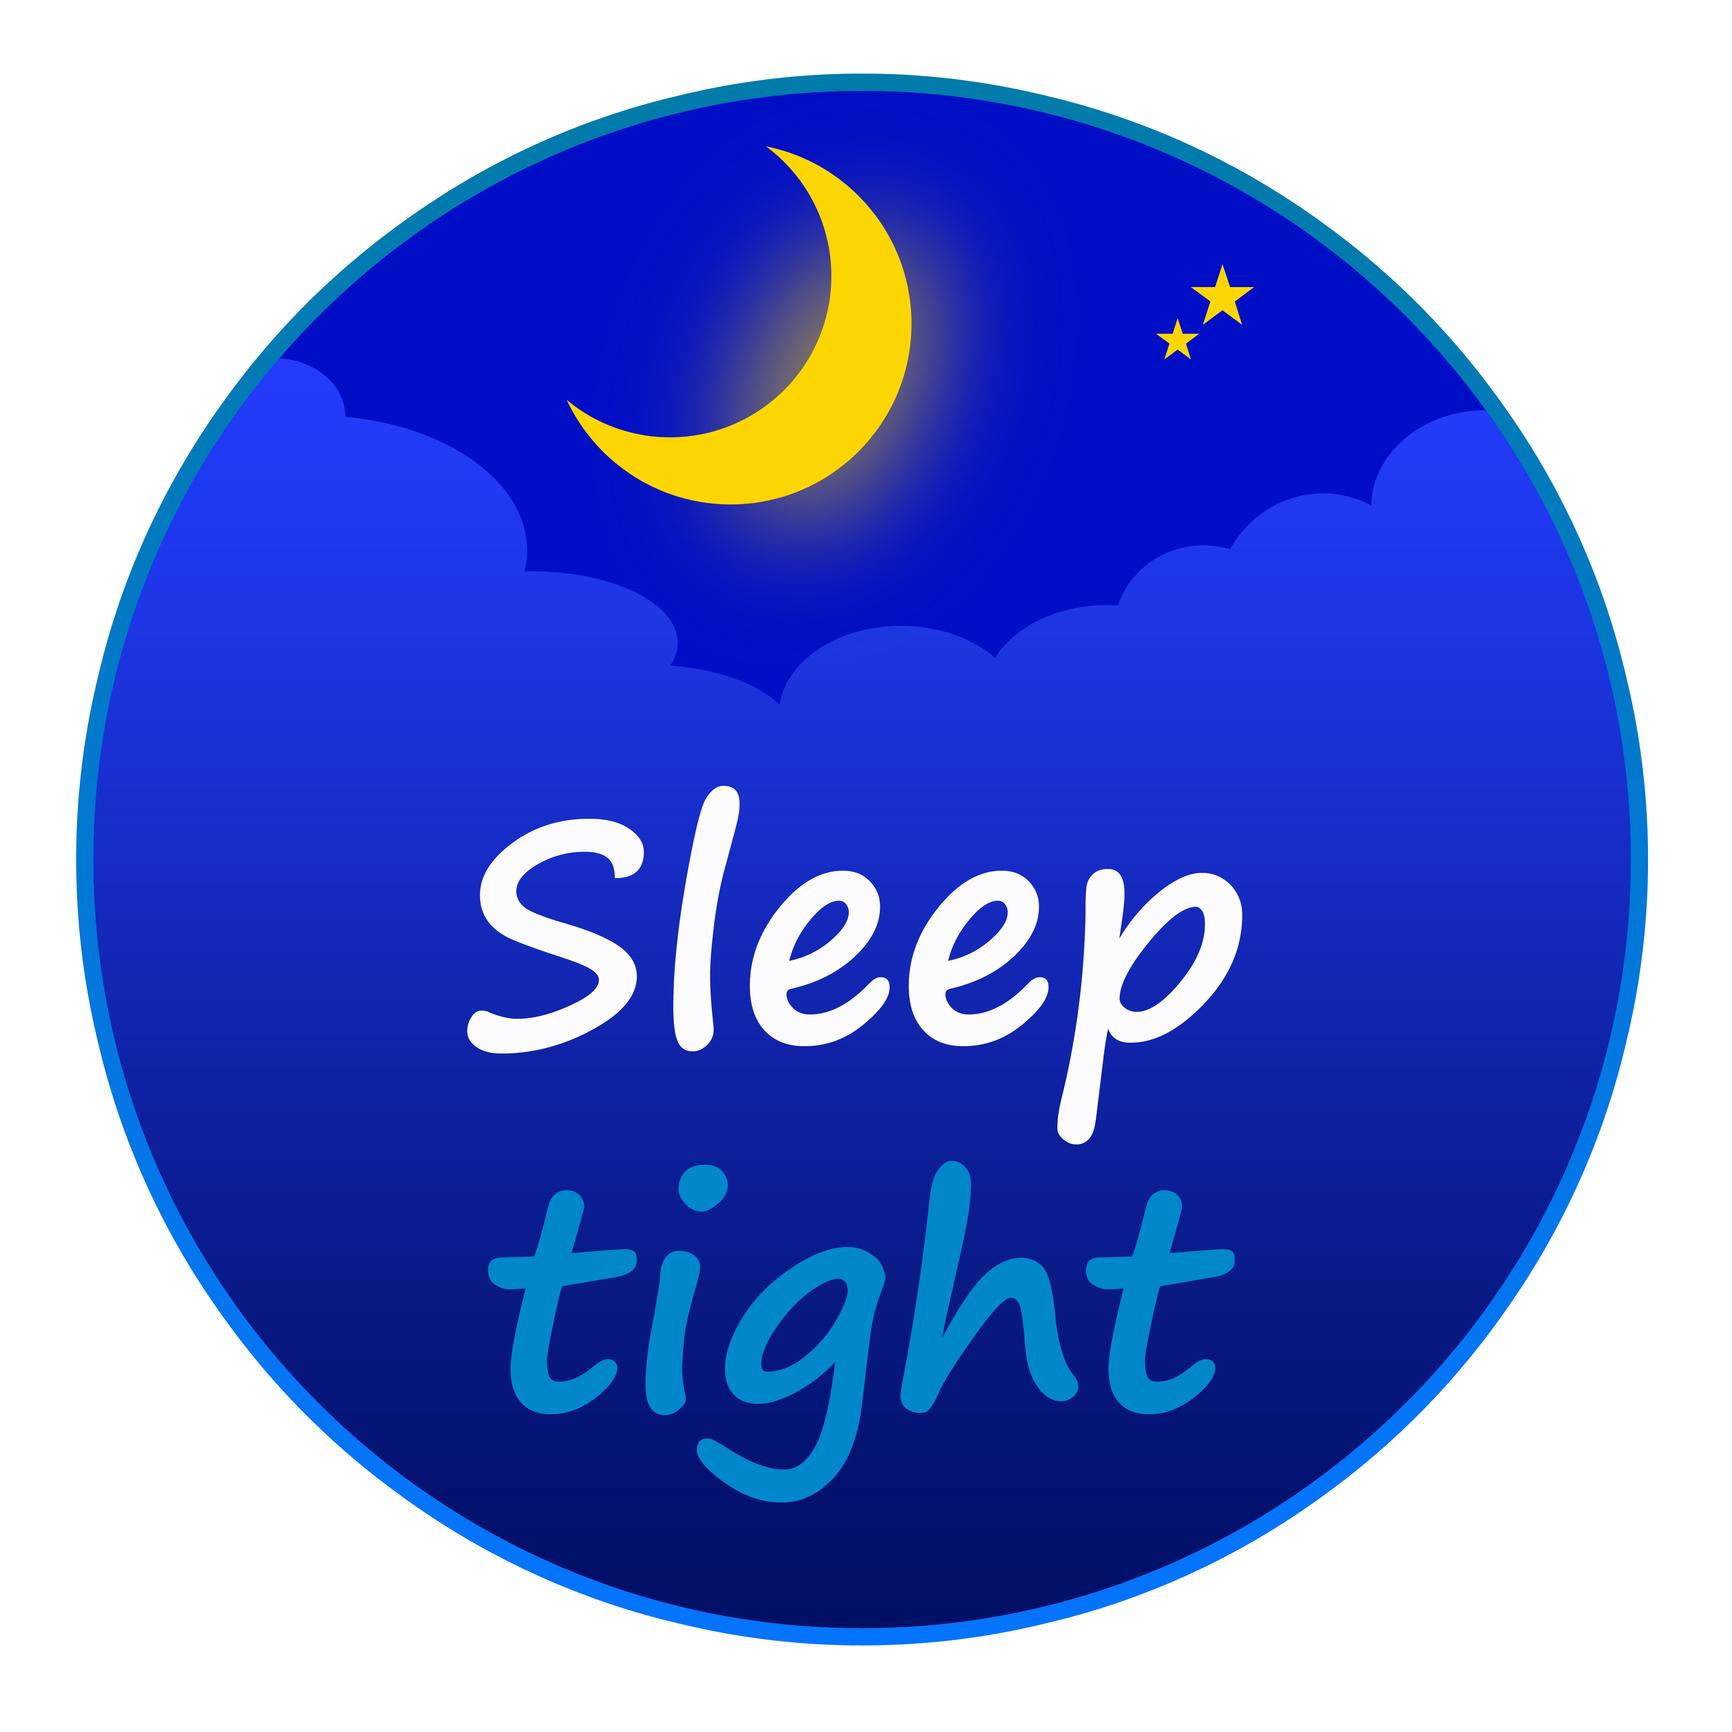 寝ていても痩せる。ダイエットに効果的な良質な睡眠をとるには。